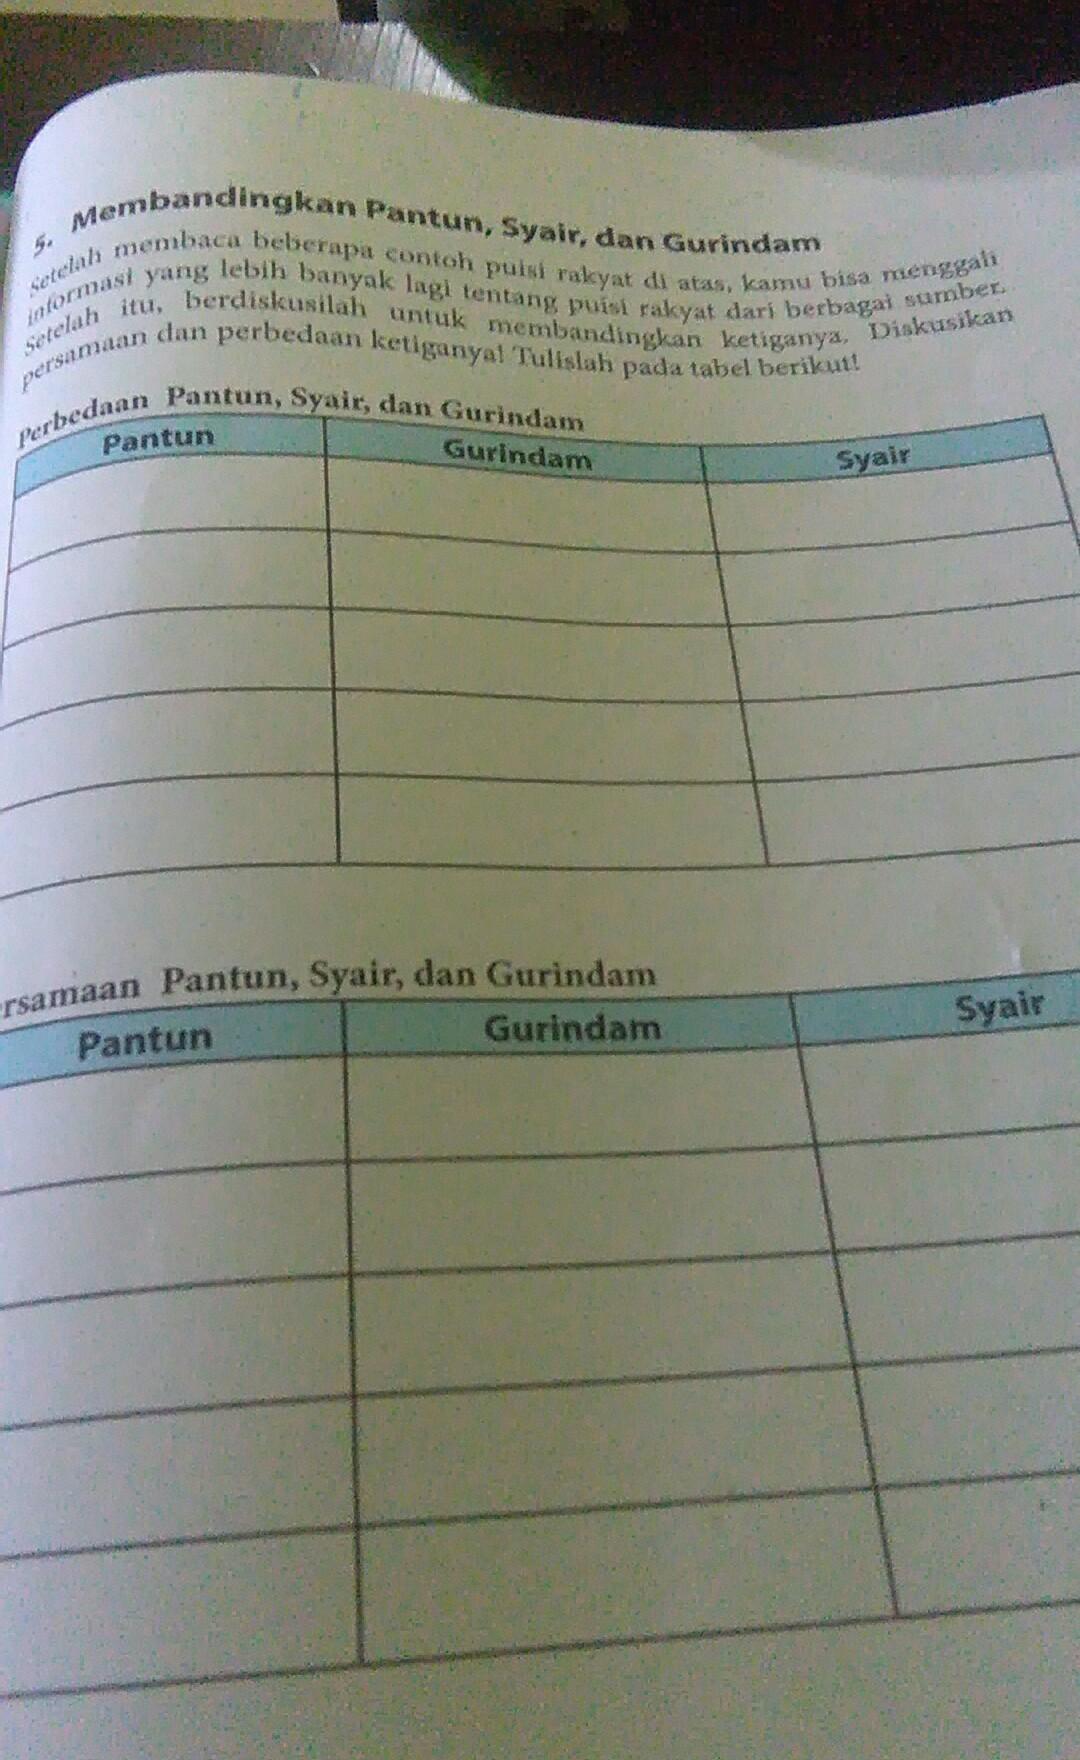 Pantun Gurindam Syair : pantun, gurindam, syair, Membandingkan, Pantun,syair,dan, Gurindam, *perbedaan, Jawab, Brainly.co.id